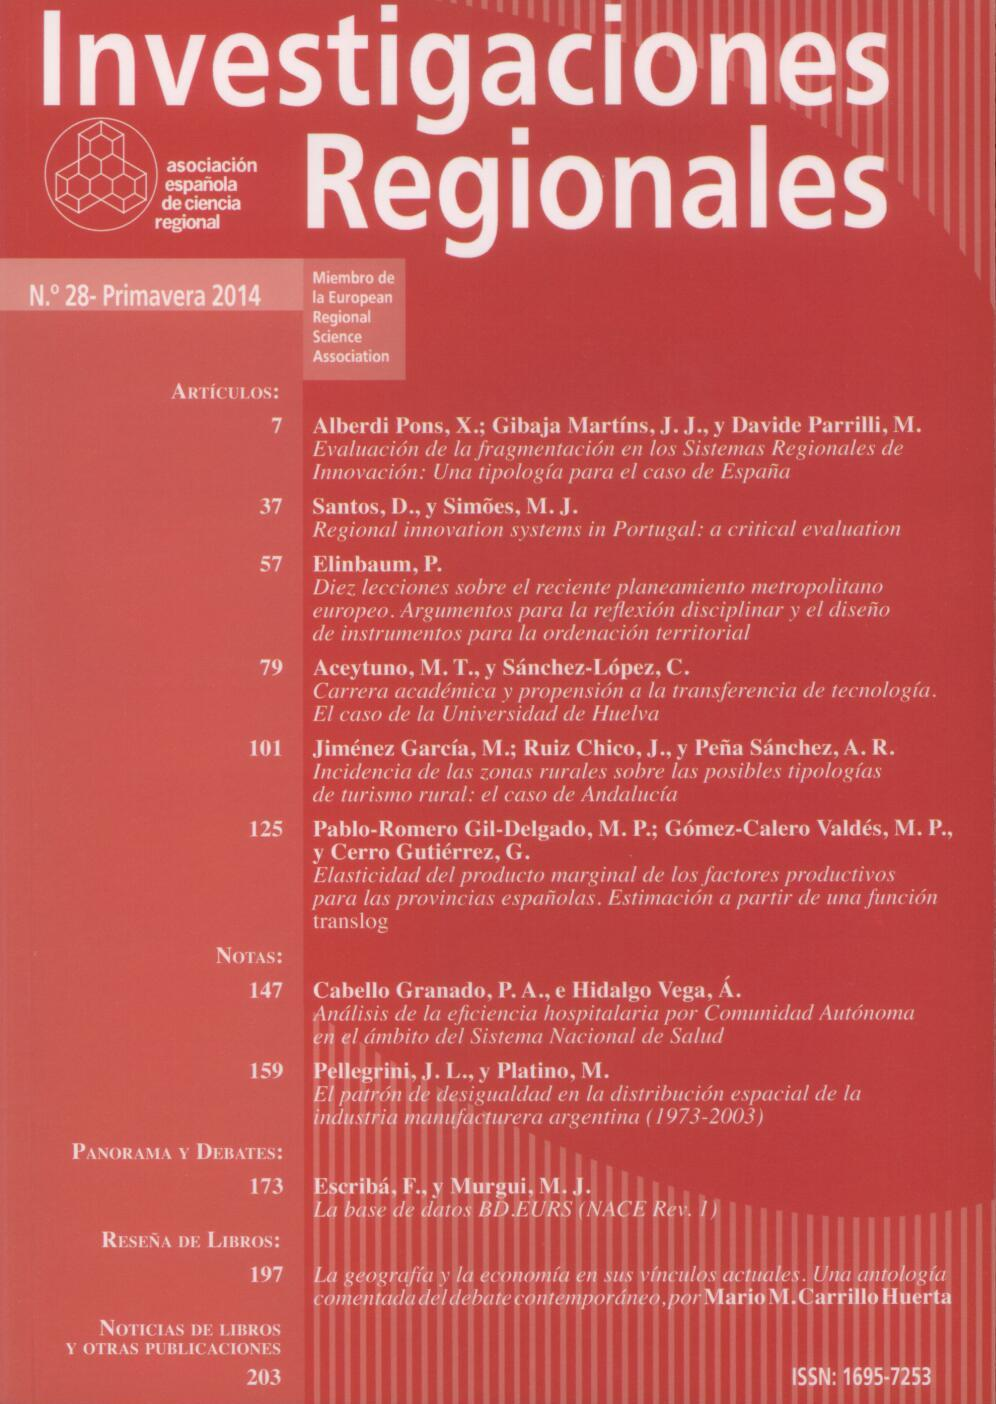 Investigaciones Regionales – Journal of Regional Research- Número 39 ya disponible con los links a todos los artículos